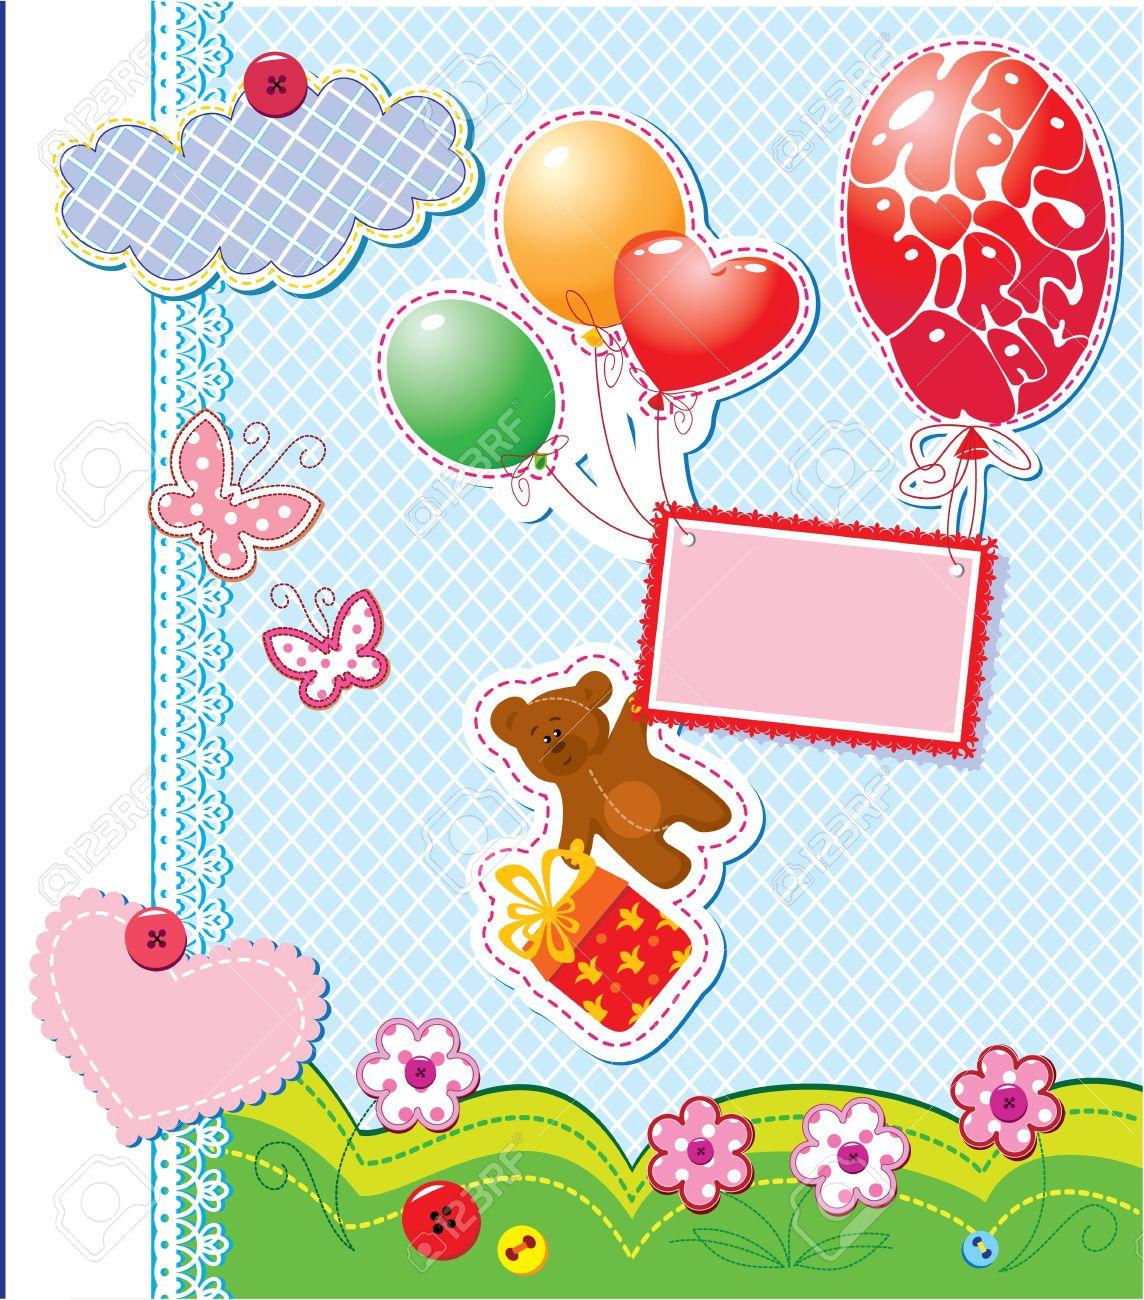 Carte Danniversaire Bébé Avec Ourson Et Boîte Cadeau Avec Des Ballons Volants